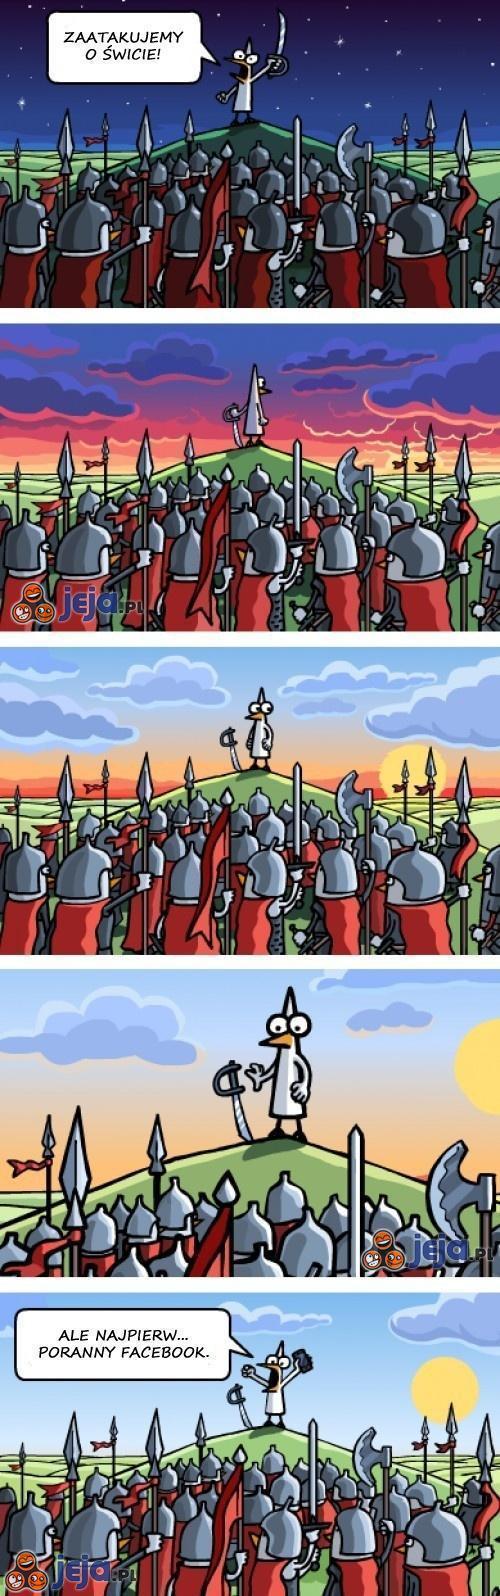 Różnica cywilizacyjna